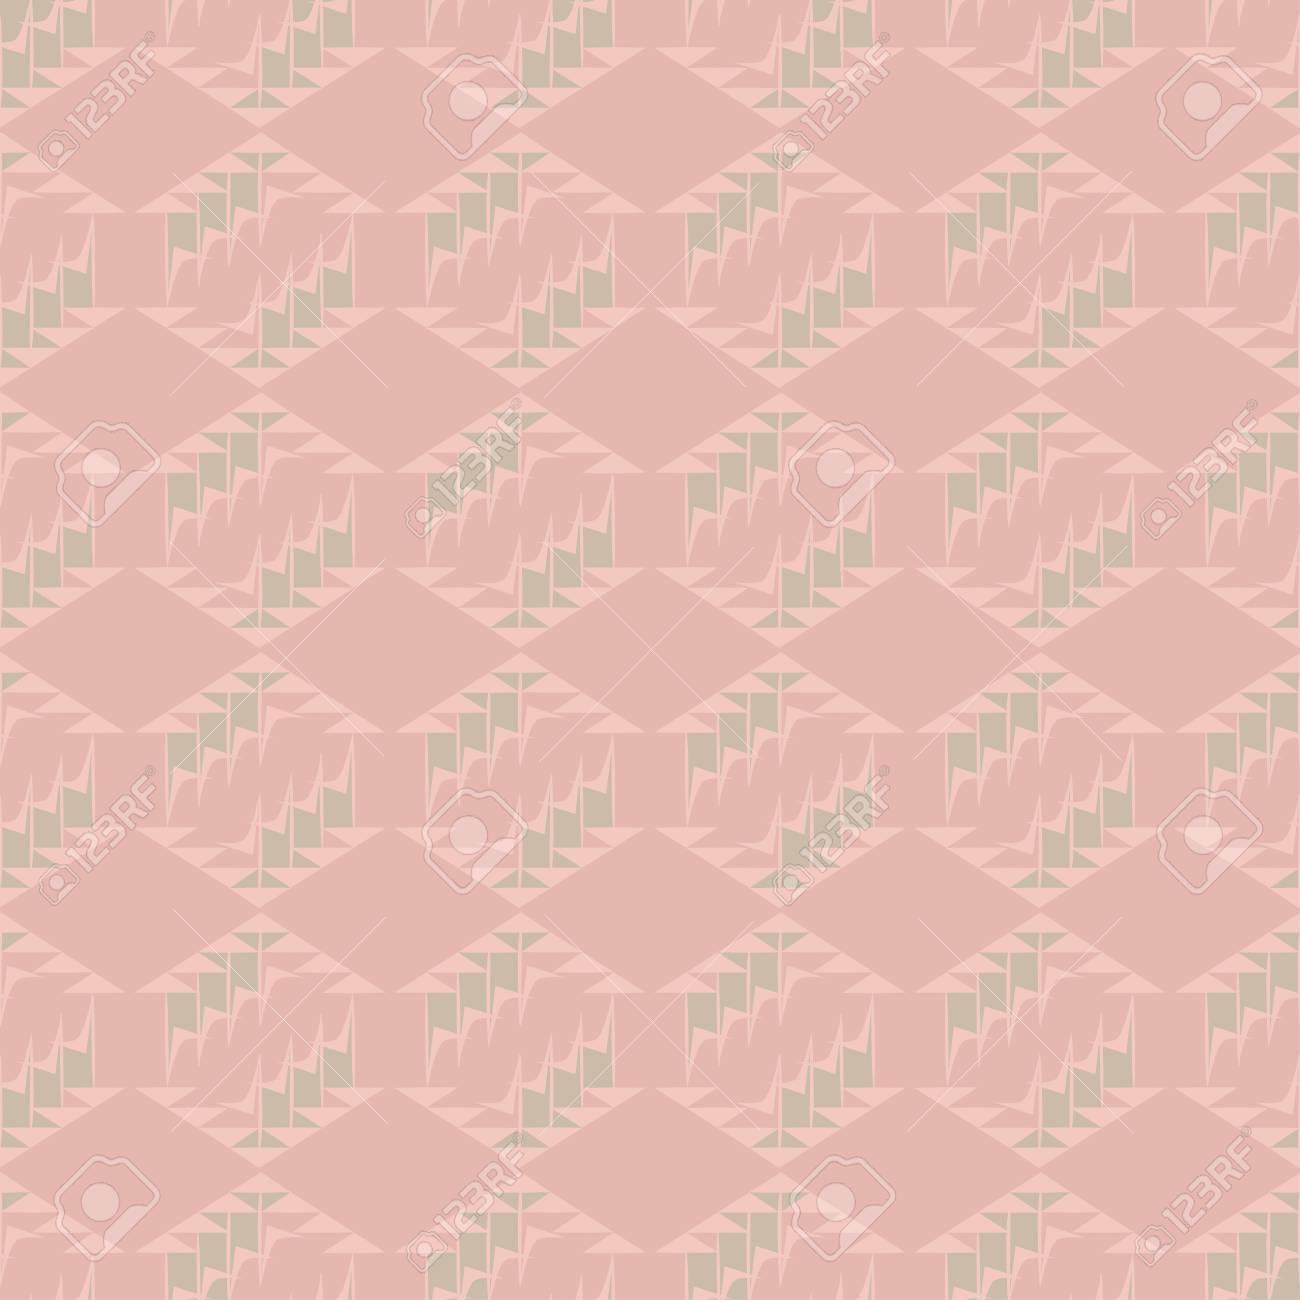 Modele Sans Couture Vecteur Geometrique Rose Avec Diamants Et